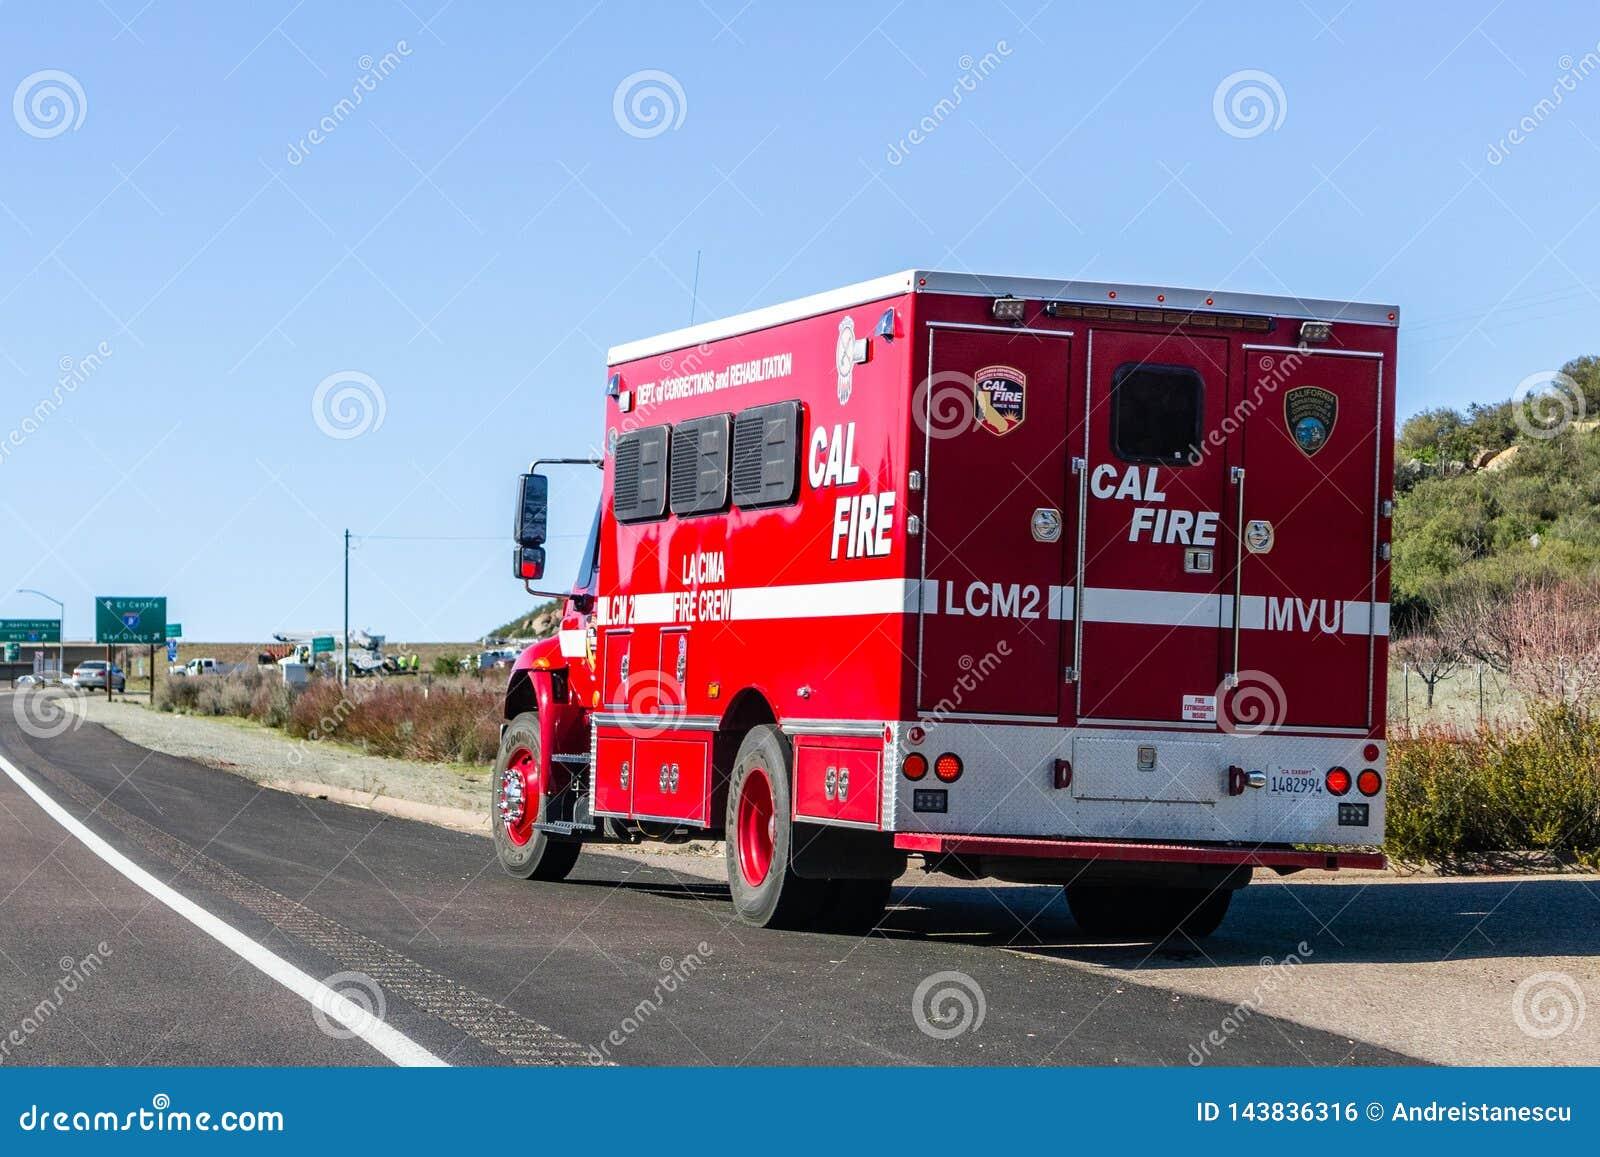 19 Μαρτίου 2019 Σαν Ντιέγκο/ασβέστιο/ΗΠΑ - πυροσβεστική αντλία που σταθμεύουν στην πλευρά του δρόμου